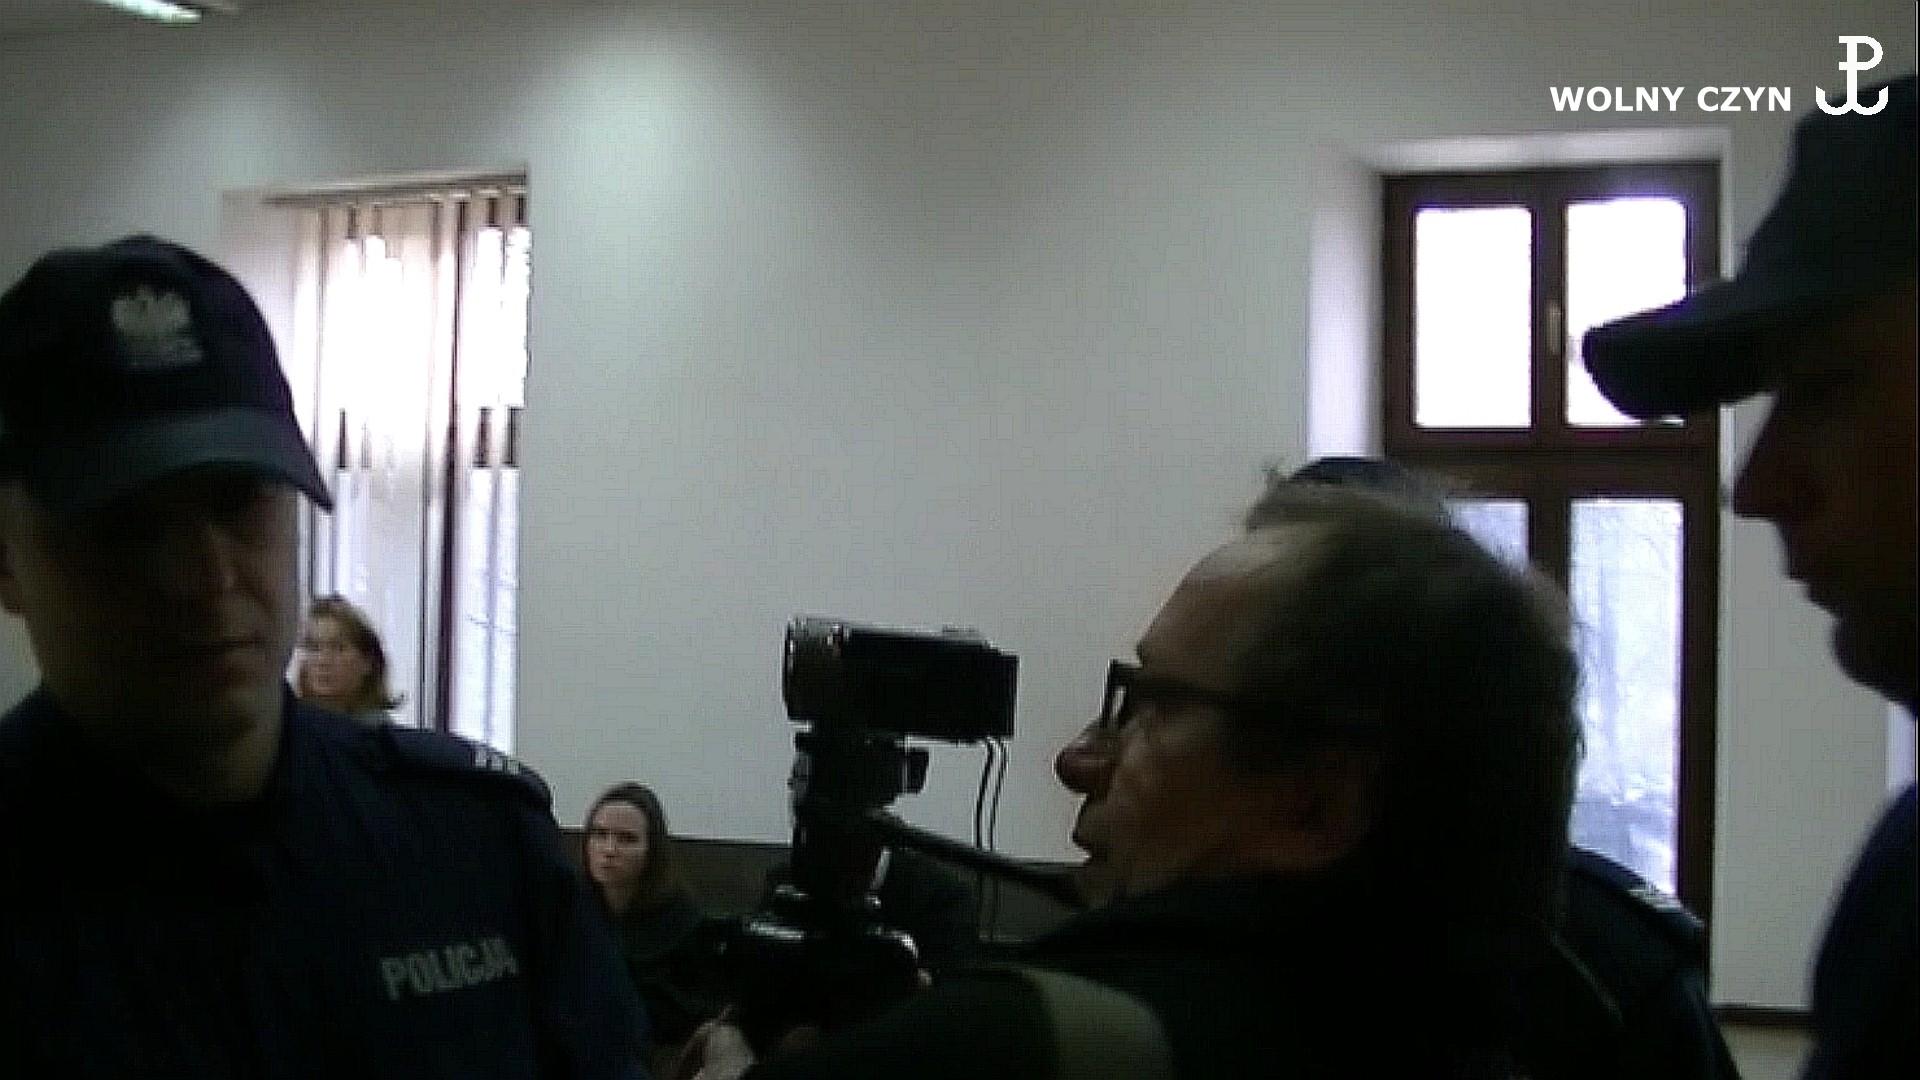 WOLNY CZYN: Rząd Dobrej Zmiany represjonuje RKW i dziennikarzy